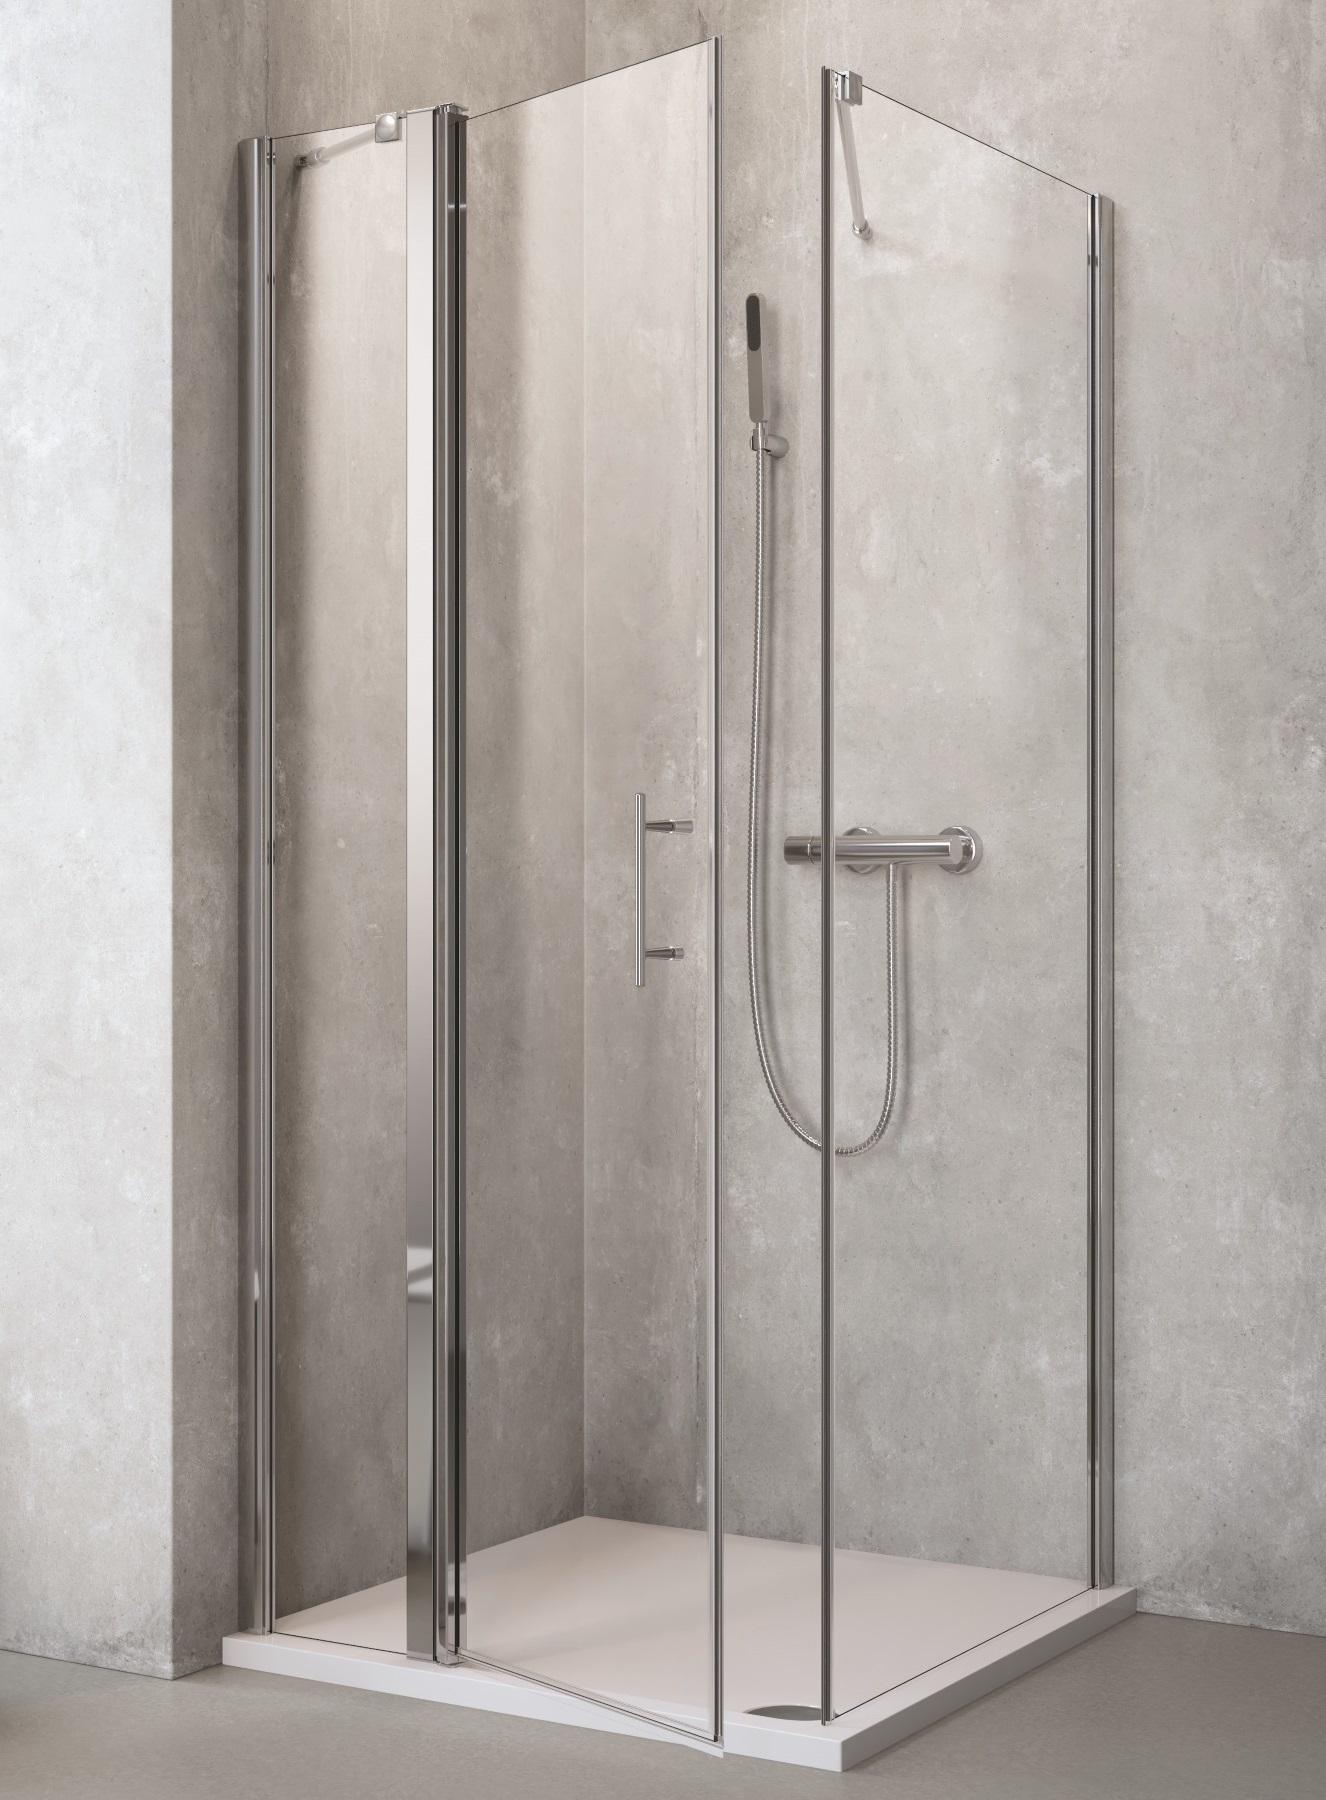 Full Size of Eckeinstieg Dusche Ebenerdig Bodenebene Bodengleiche Duschen Fliesen Hüppe Badewanne Mit Sprinz Mischbatterie Dusche Eckeinstieg Dusche